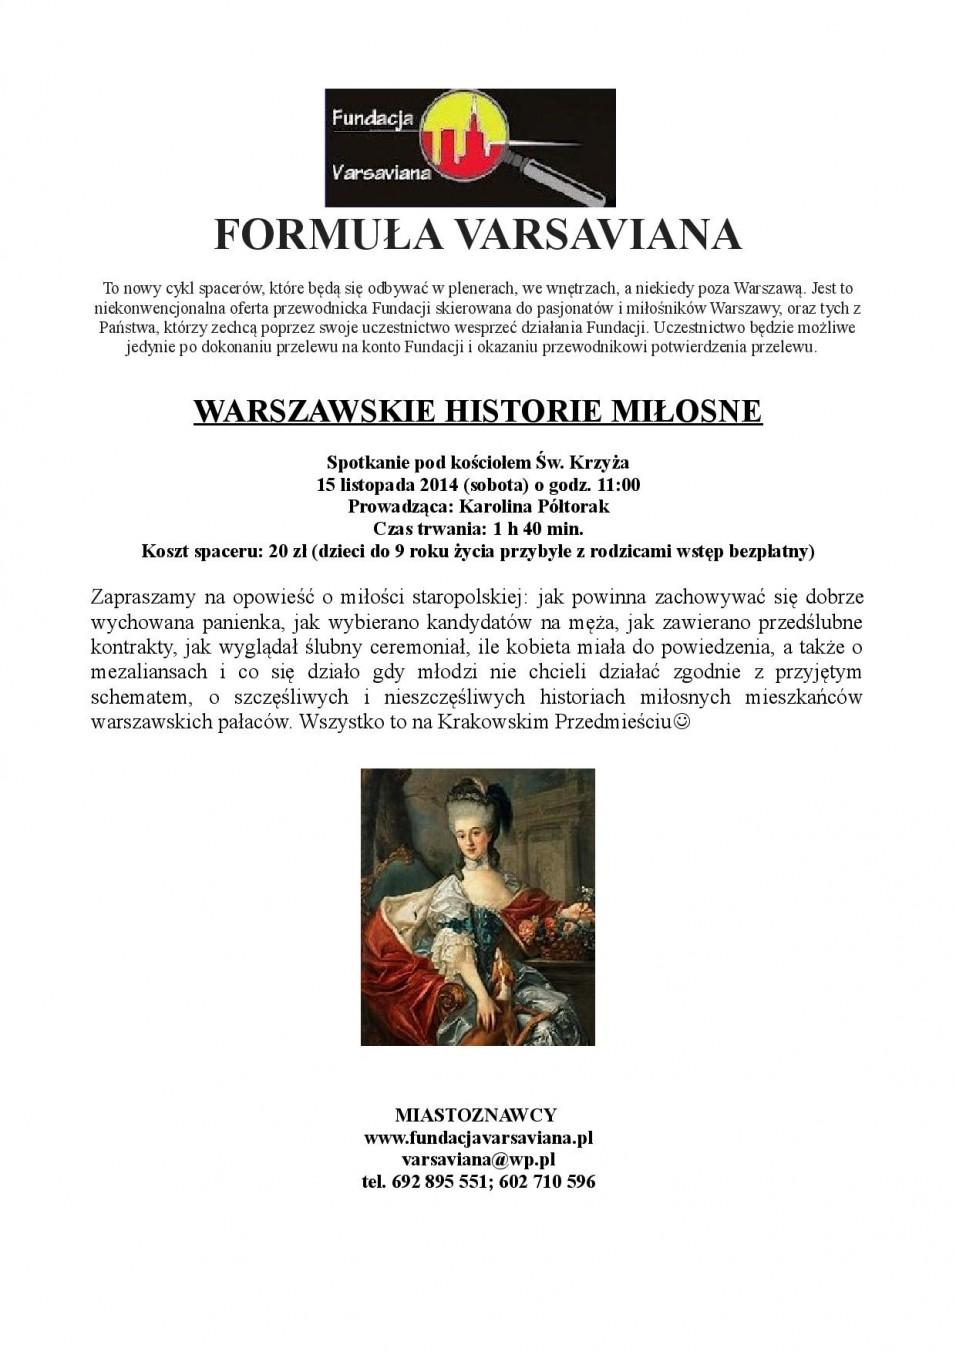 Wydarzenia Warszawskie Historie Miłosne Spacer Z